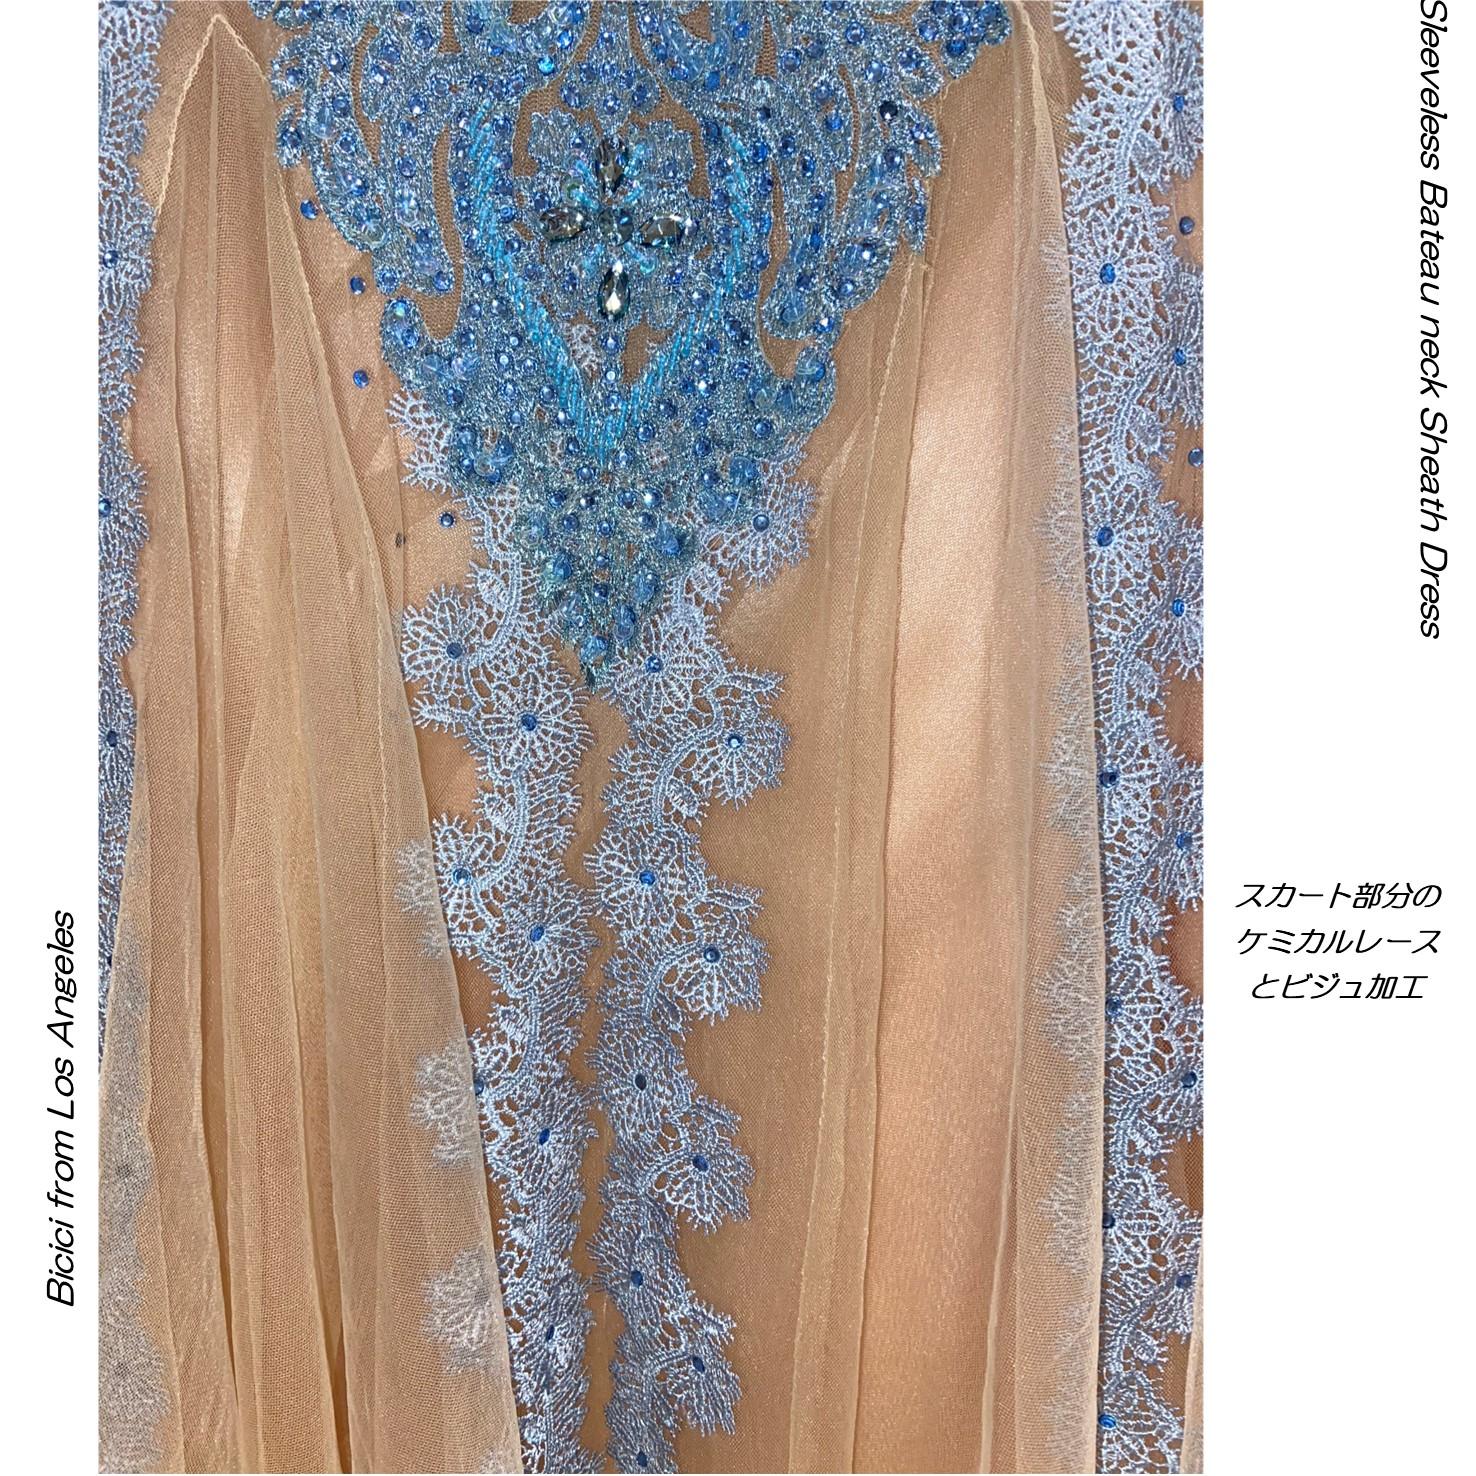 ドレス インポートドレス 声楽 ピアノ スレンダー 演奏会用ドレス 発表会ドレス トランペットドレス シャンソン ブルー ステージドレス パーティドレス 楽器演奏